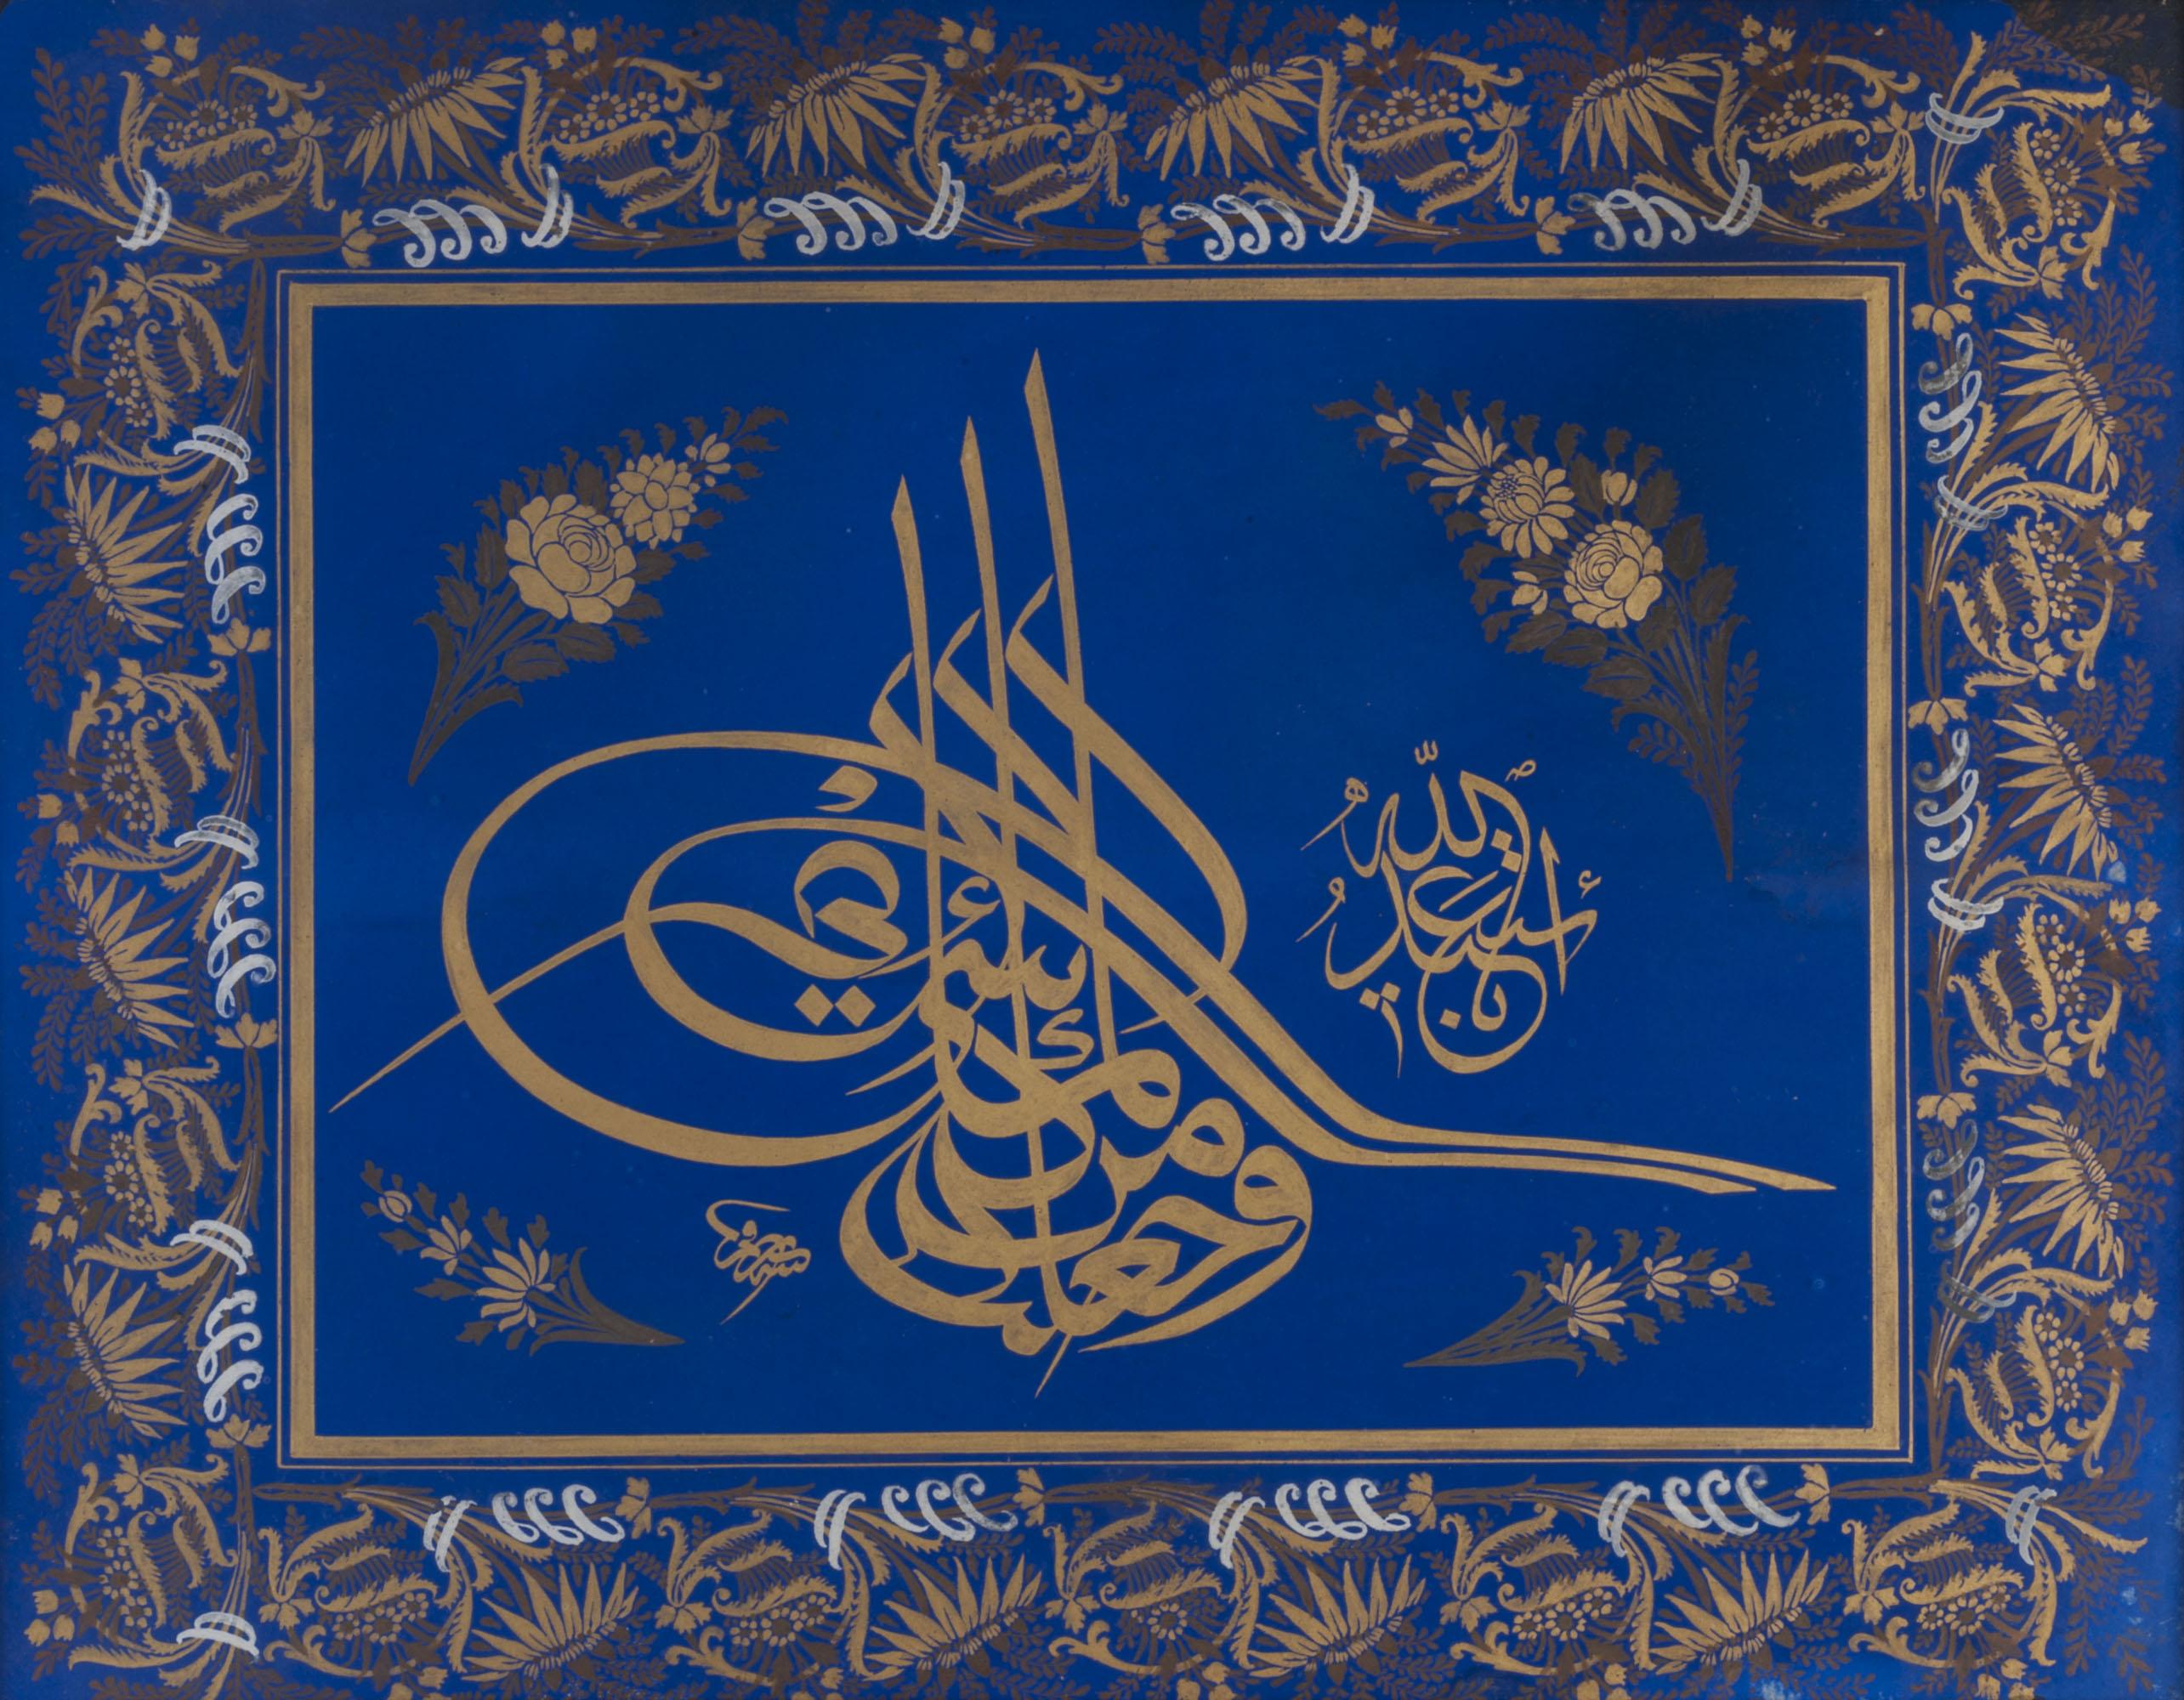 Zer-endûd Calligraphic Panel,